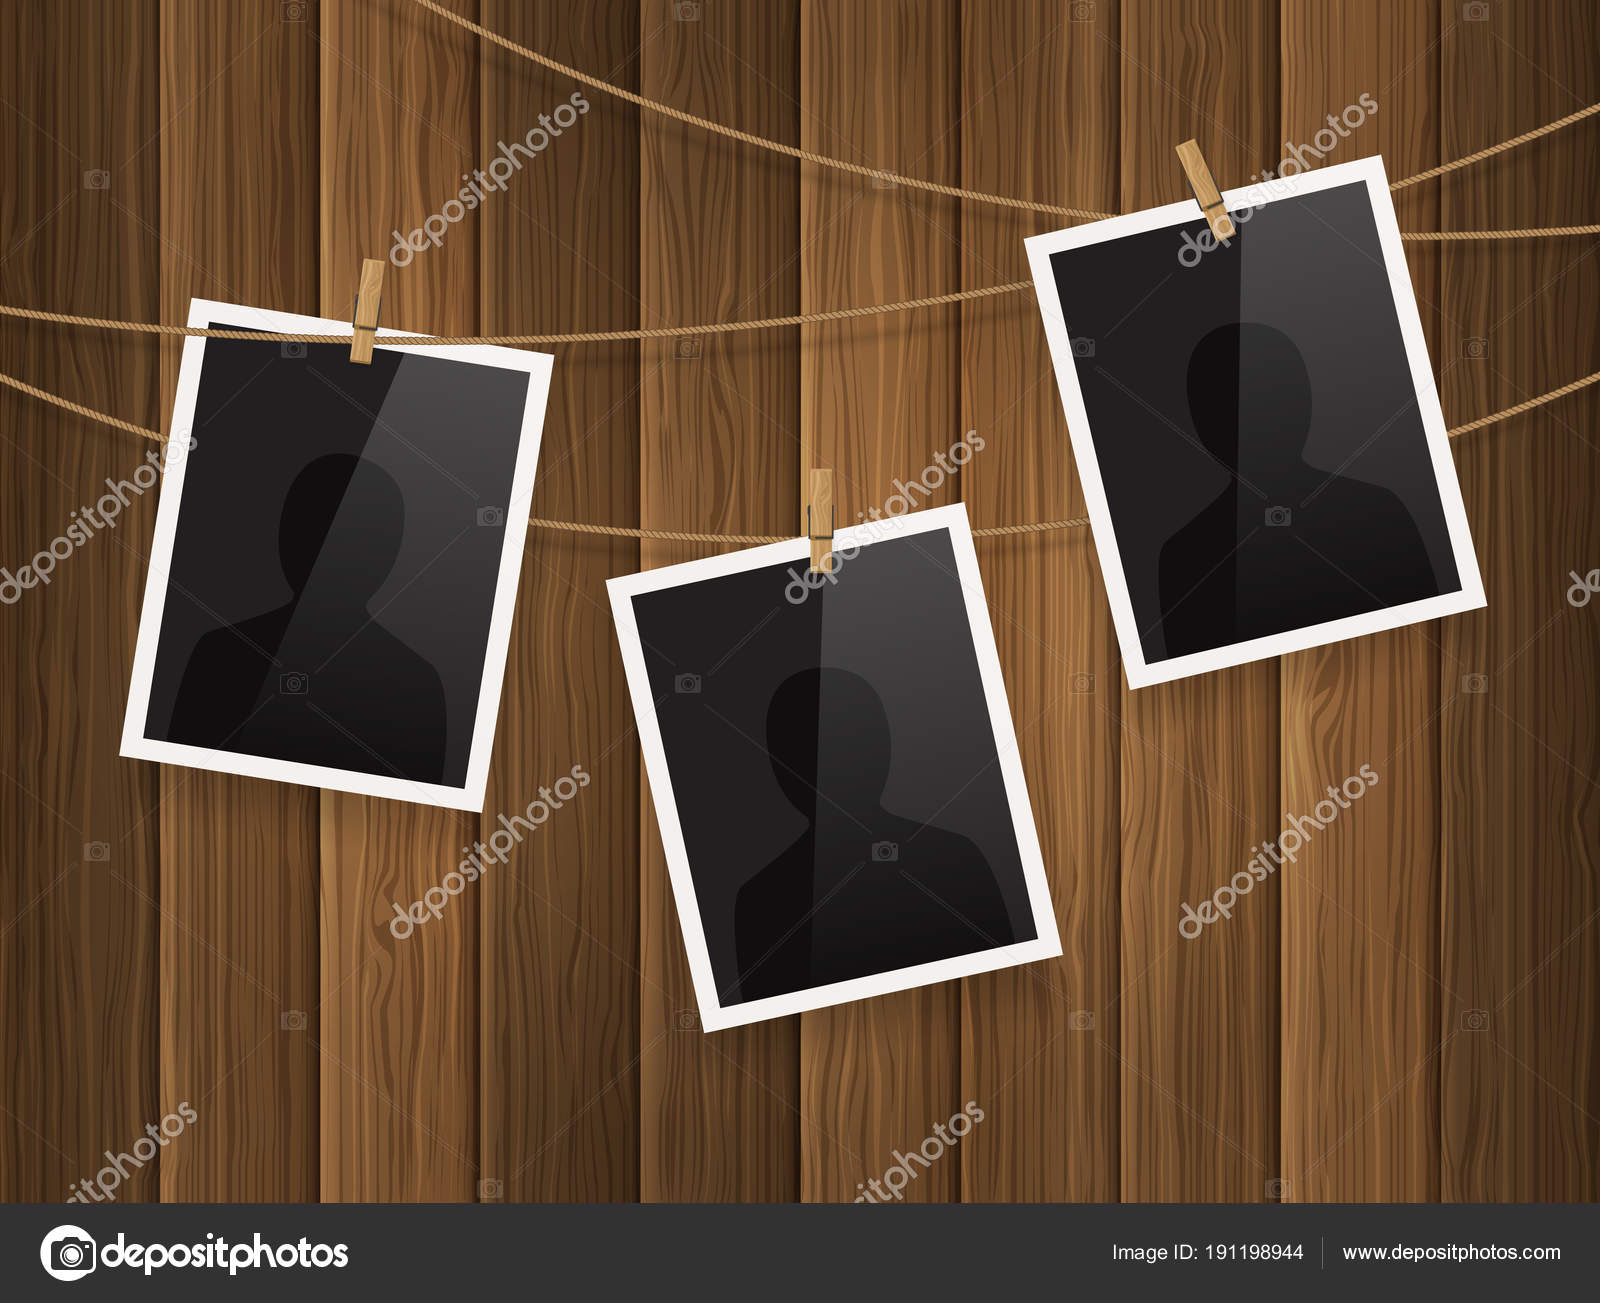 Bilderrahmen mit Wäscheklammern auf Holz Hintergrund am Seil ...